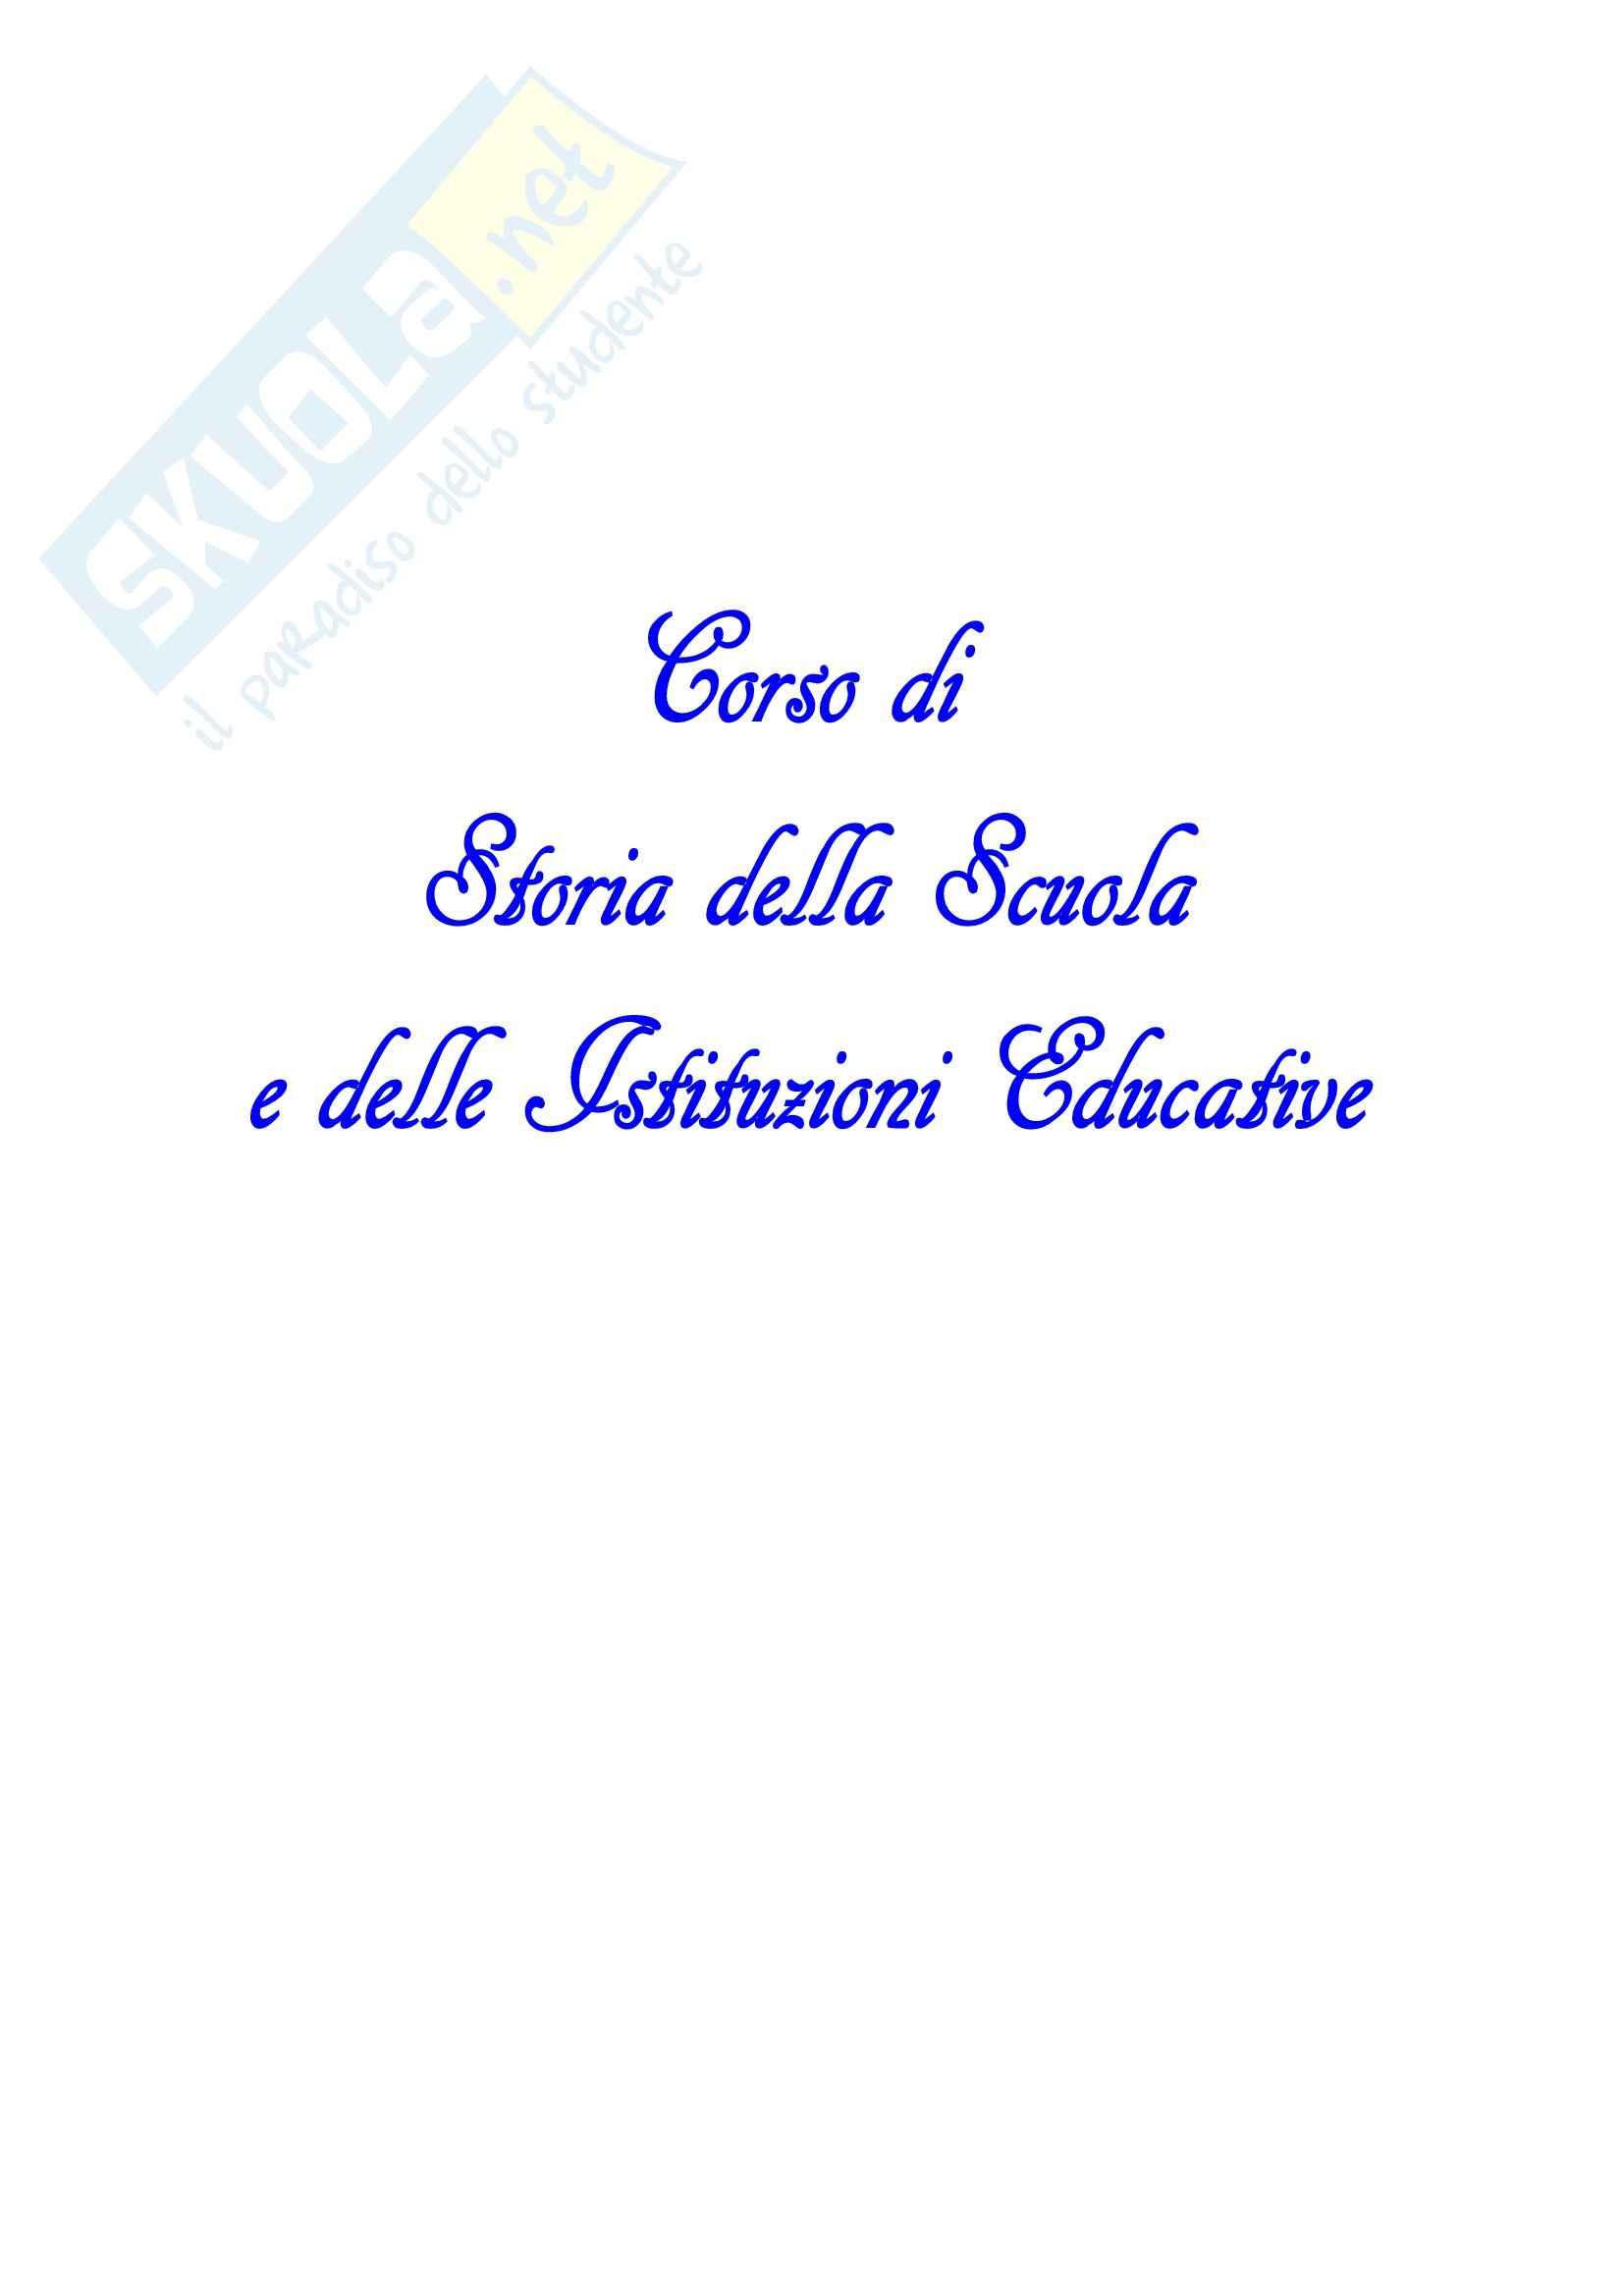 Riassunto esame Storia della scuola, prof. D'Alessio, libro consigliato Scuola e società nell'Italia unita, Pazzaglia, Sani